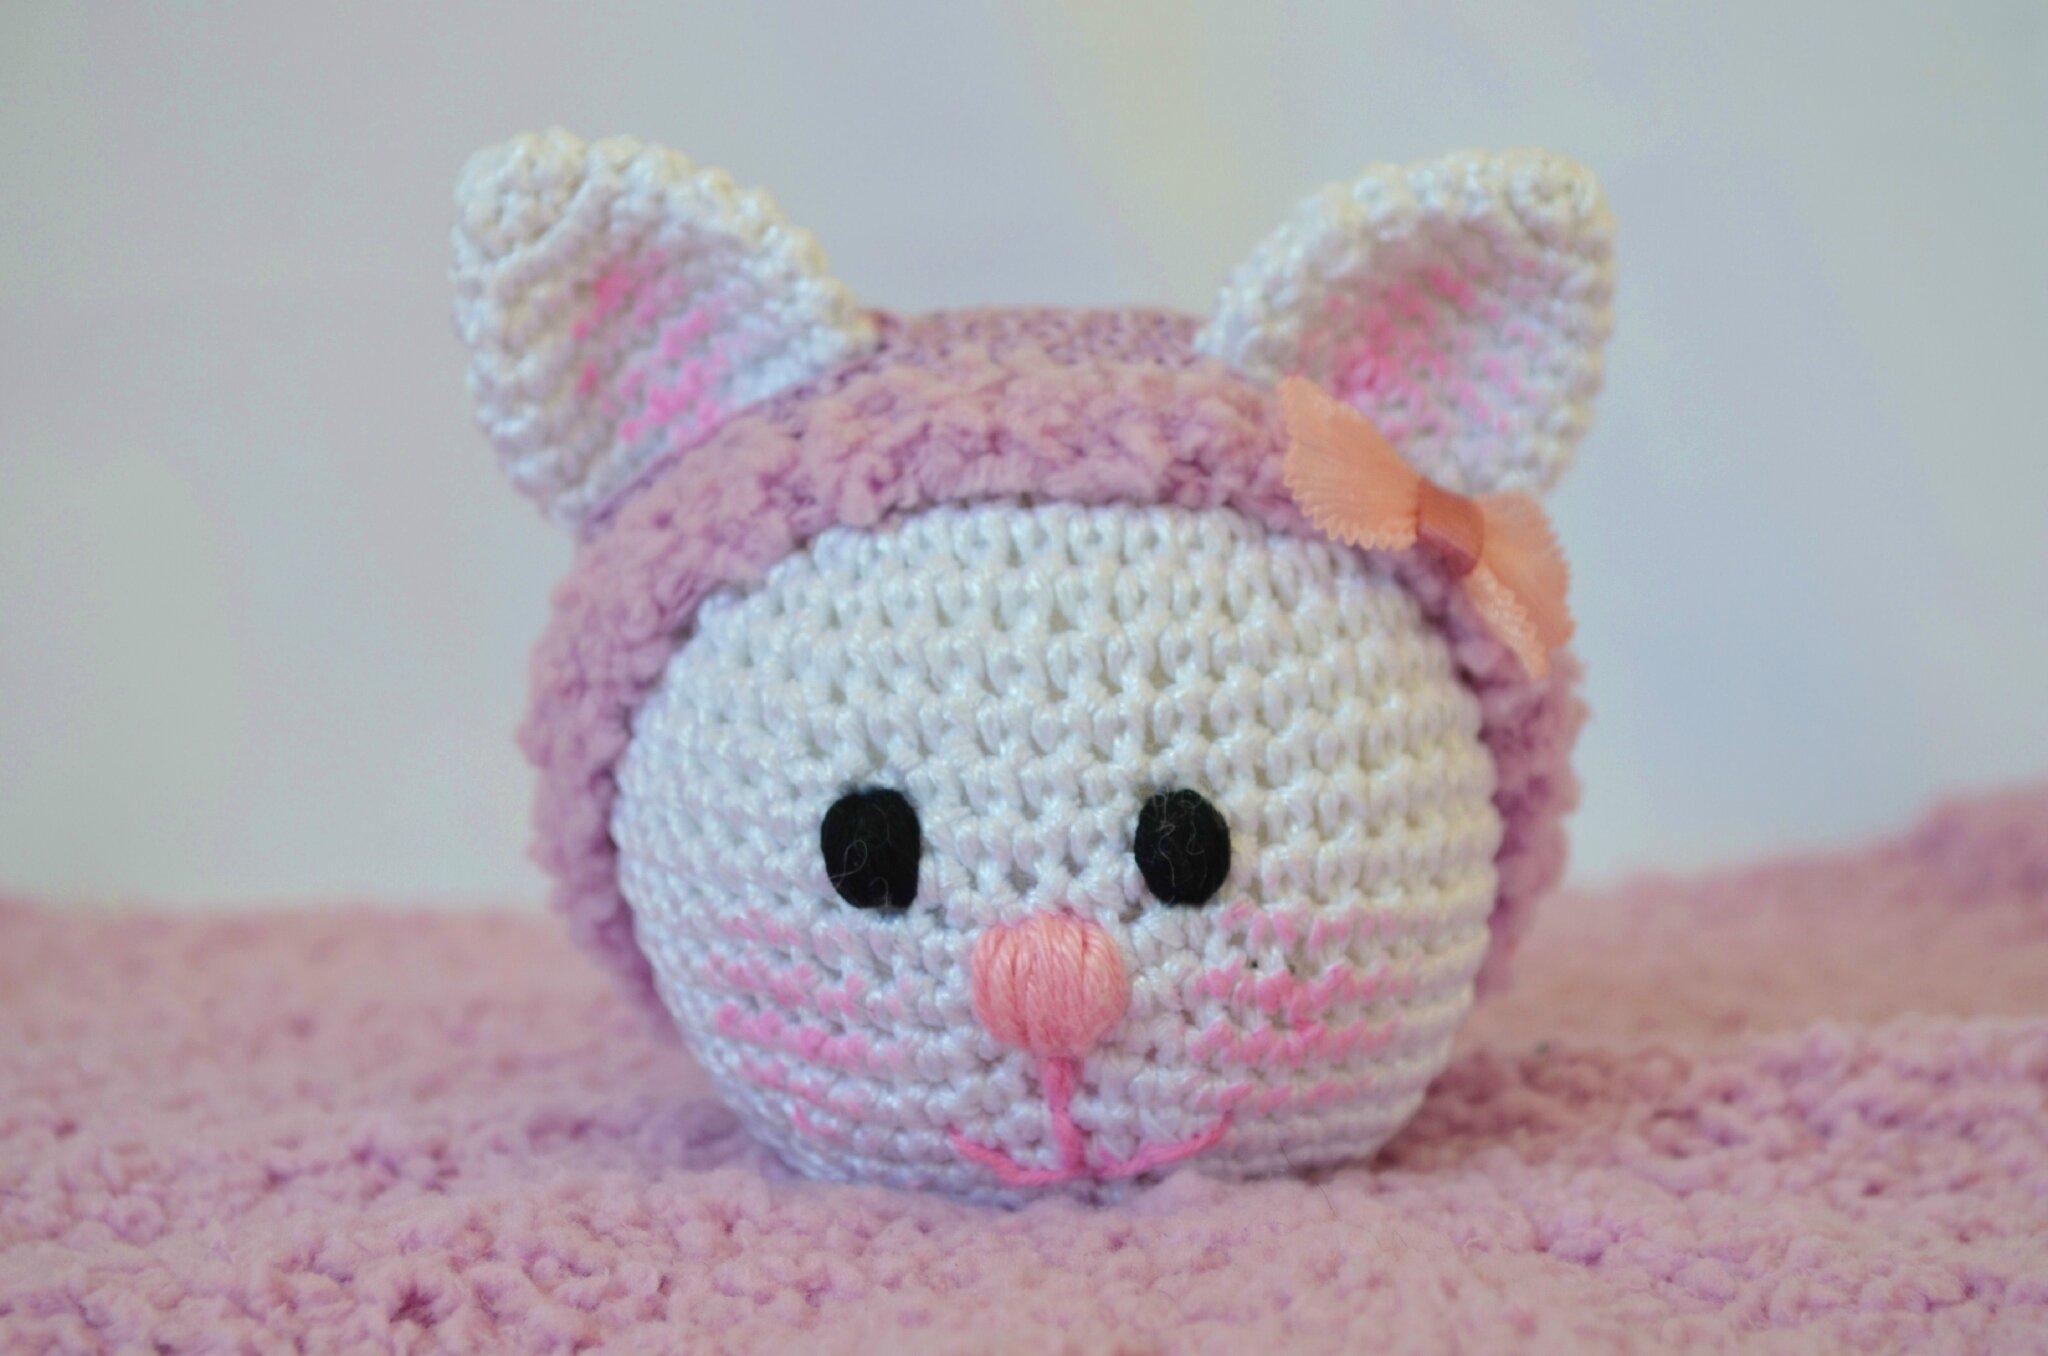 Chatminette-tuto-doudou-crochet-tricot-laine-fil-agurigami-Lachouette bricole